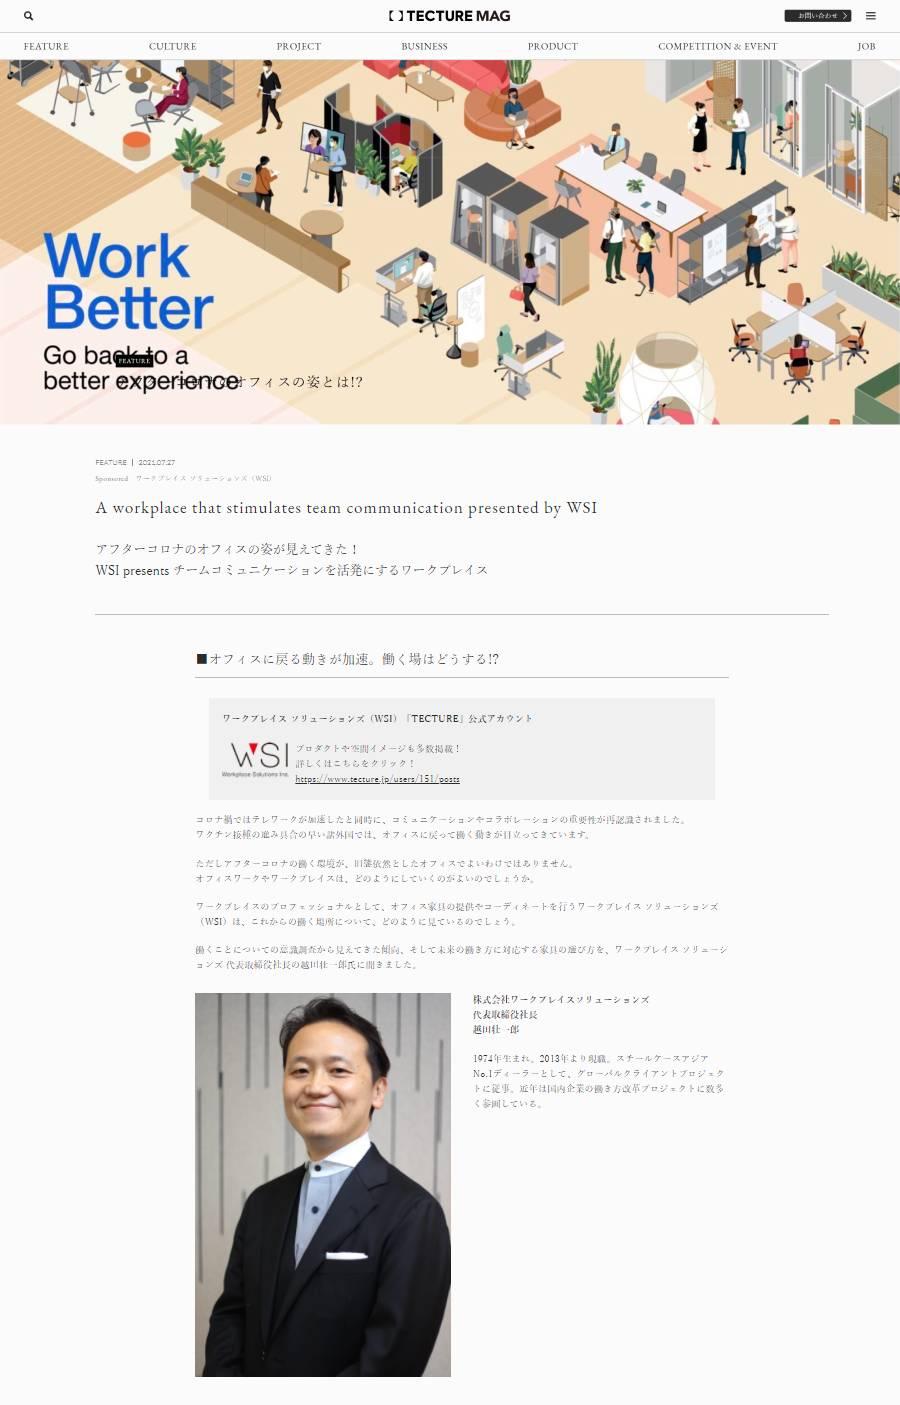 TECTURE MAGに社長のインタビューが掲載されました。